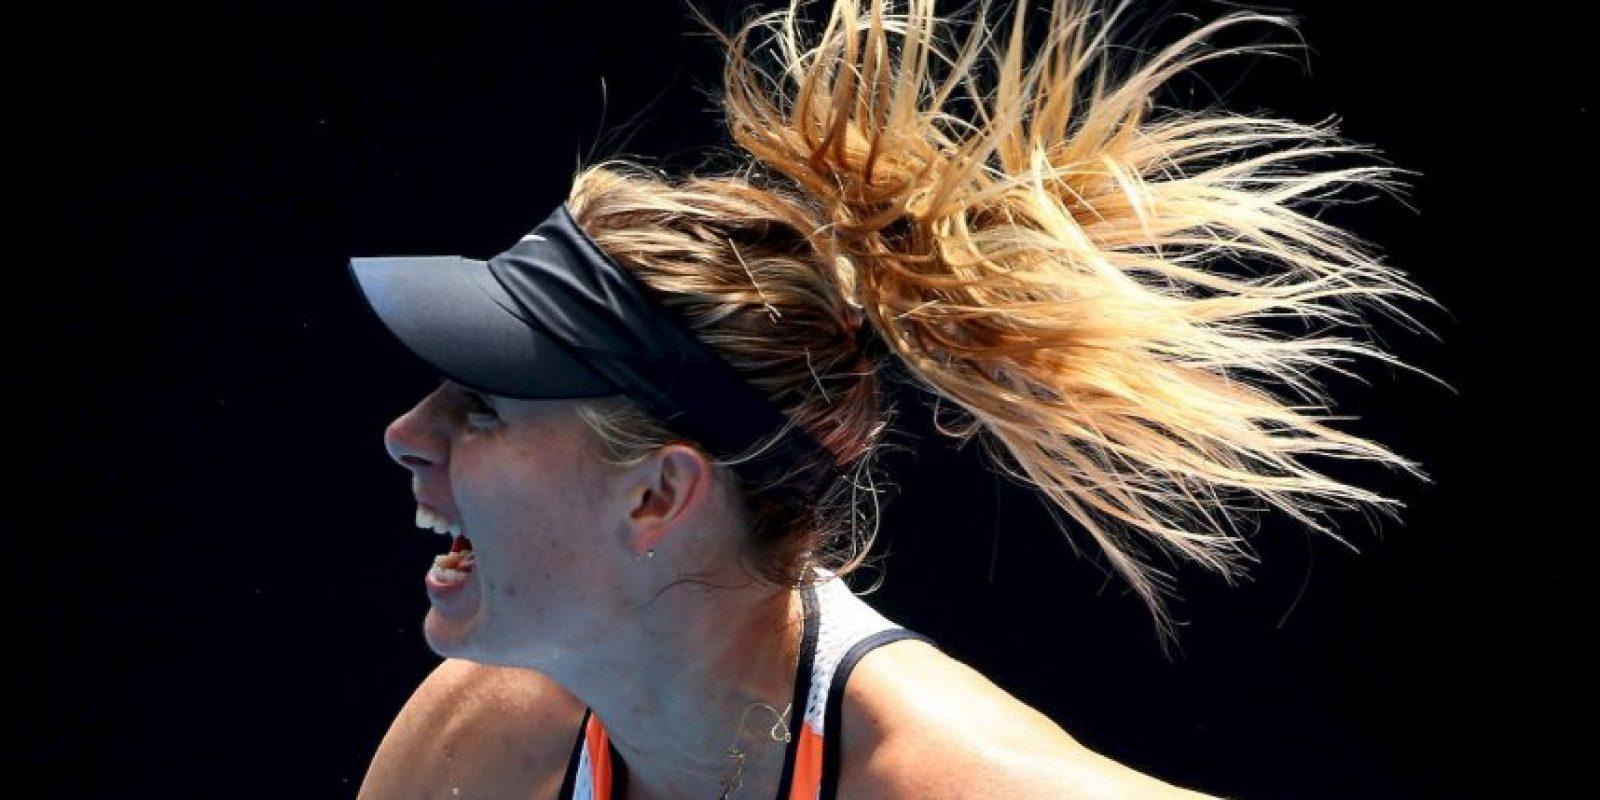 La tenista anunció en marzo que había dado positivo por meldonium, un medicamento que estaba utilizando para tratar distintas problemas de salud Foto:Getty Images